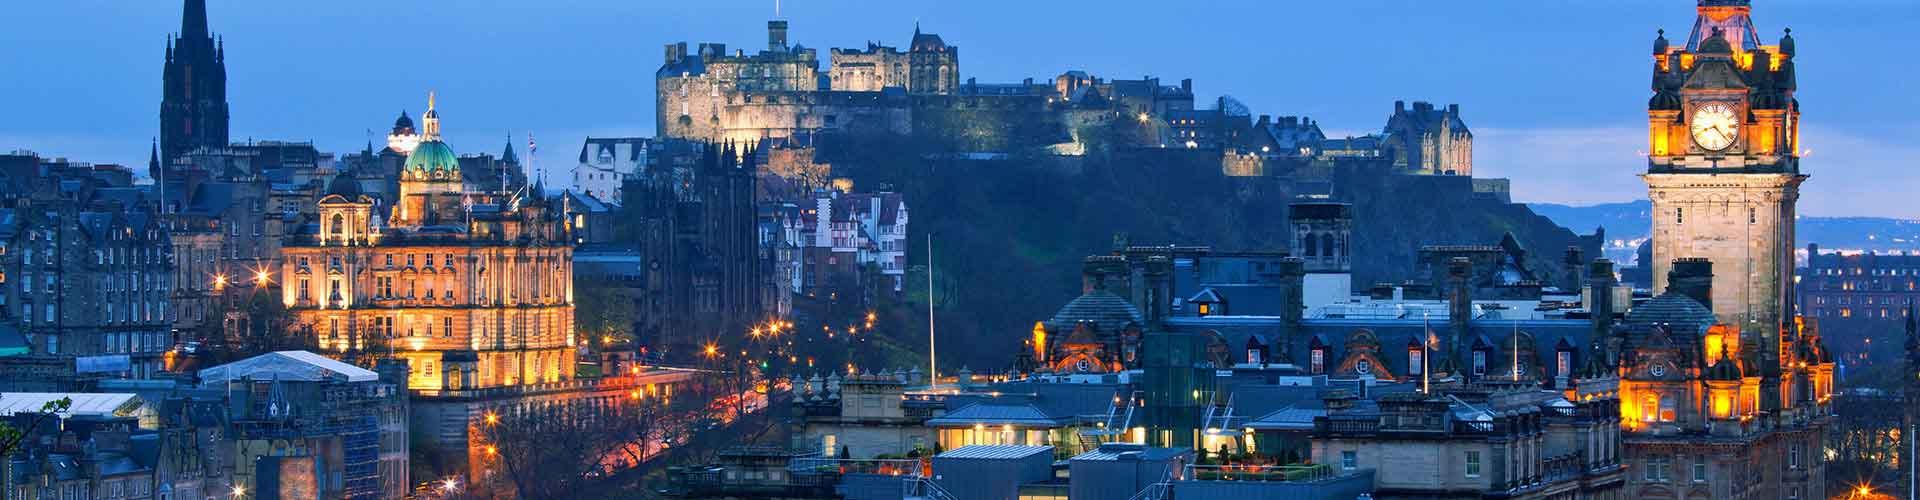 Edimburgo – Albergues em Edimburgo. Mapas para Edimburgo, Fotos e Avaliações para cada Albergue em Edimburgo.